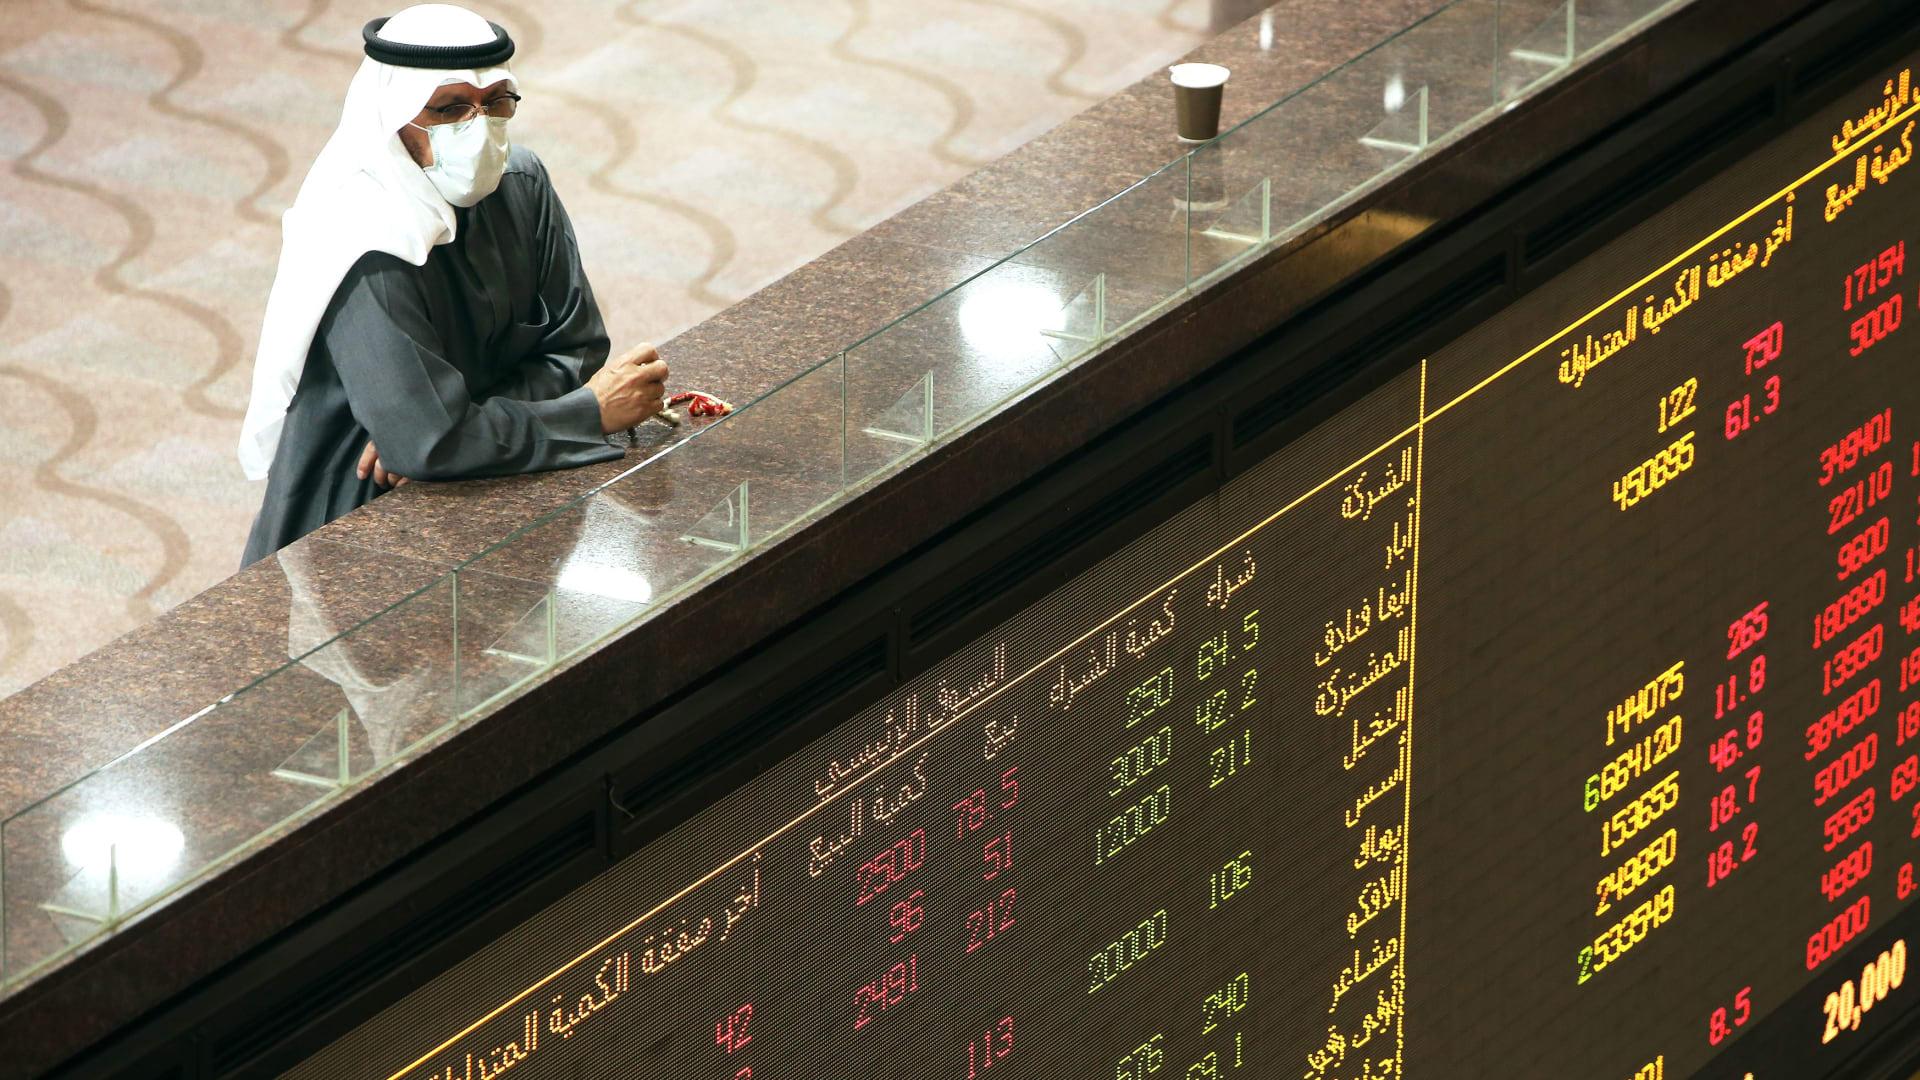 S&P غلوبال تتوقع تعافياً بطيئاً من كورونا سيؤثر على البنوك في دول الخليج